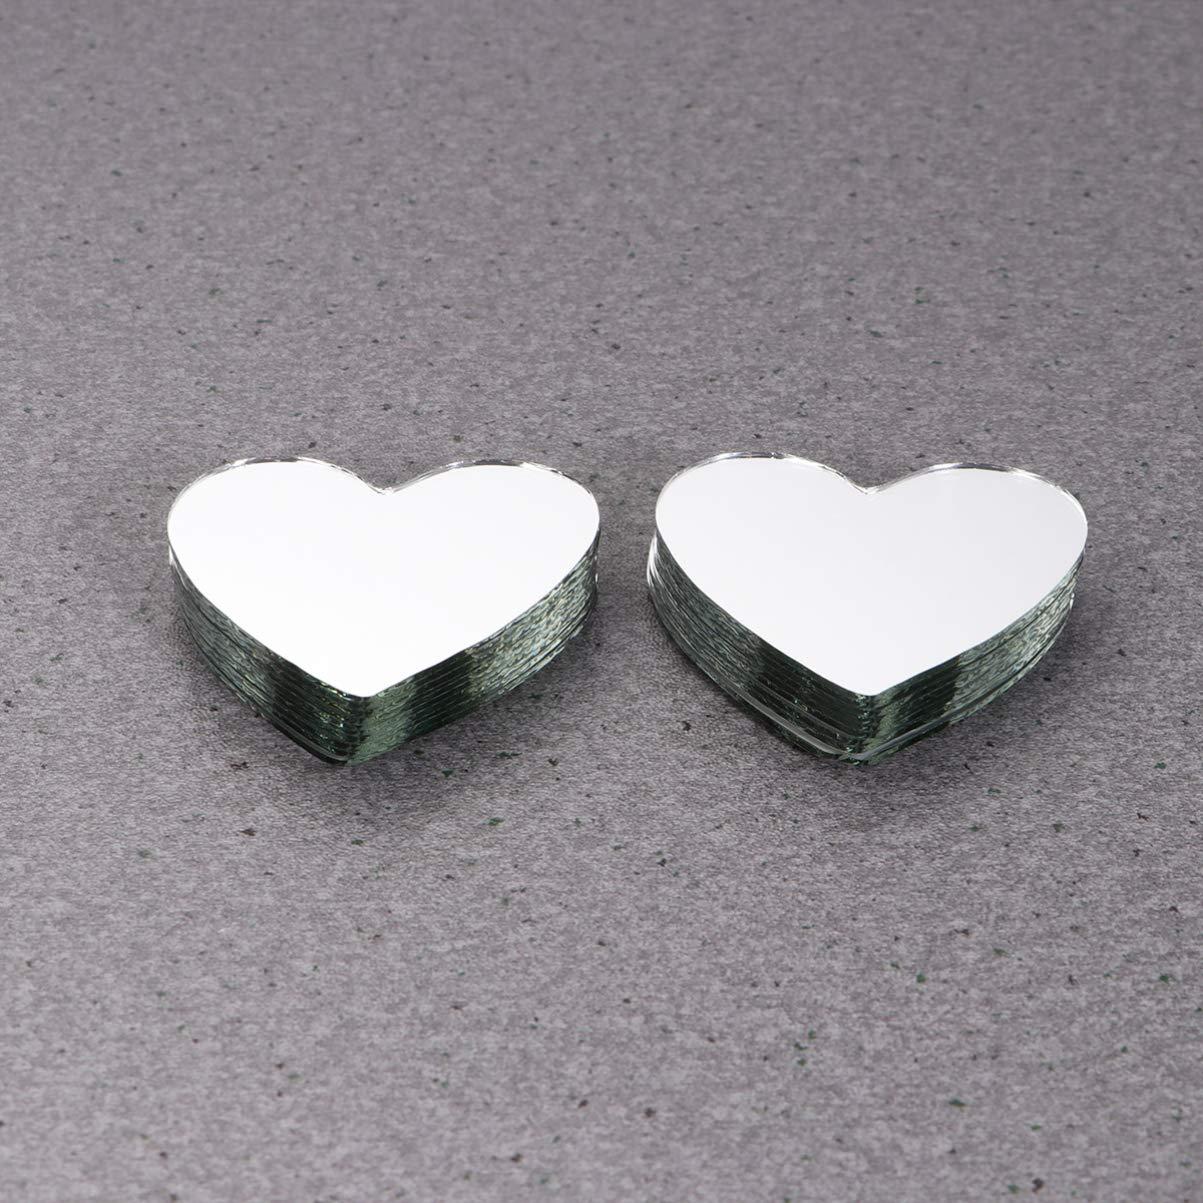 Healifty 20 Pezzi Lastre Specchianti in Vetro Mini Specchi Artigianali Tessere di Mosaico Adesivi a Forma di Cuore per Decorazioni Artigianali Fai da Te